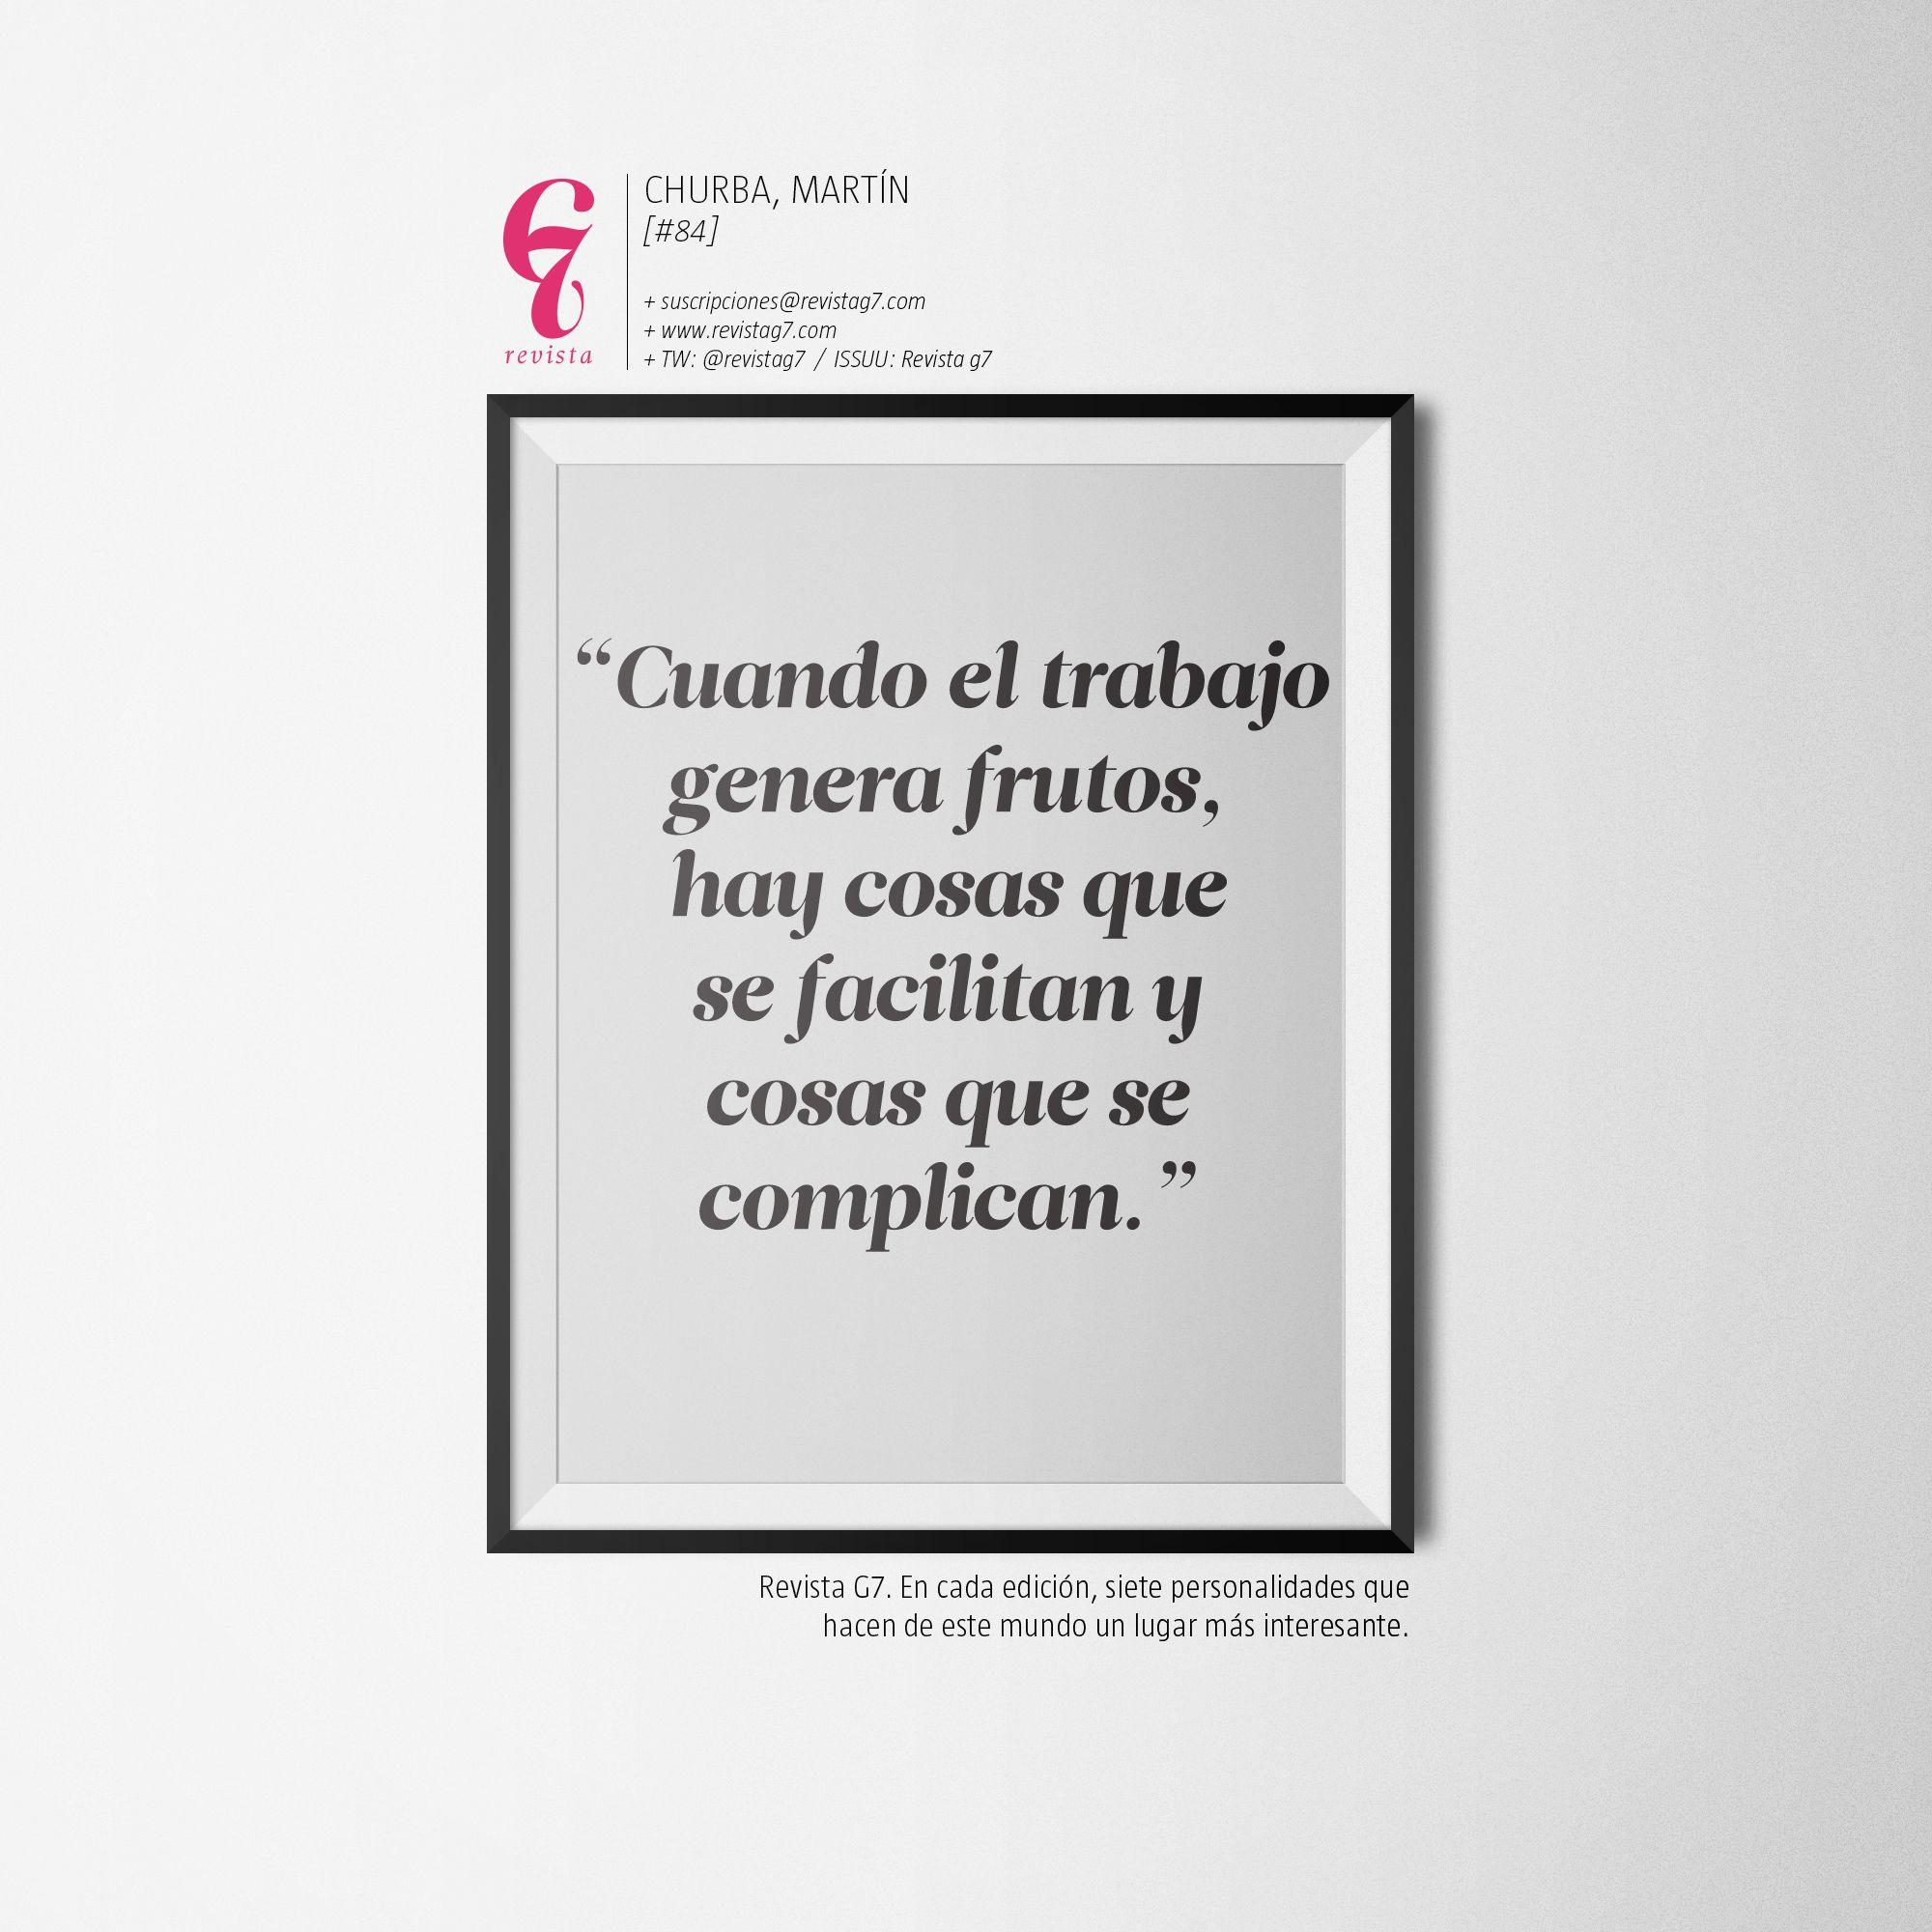 Revista G7 #84 - Martín Churba